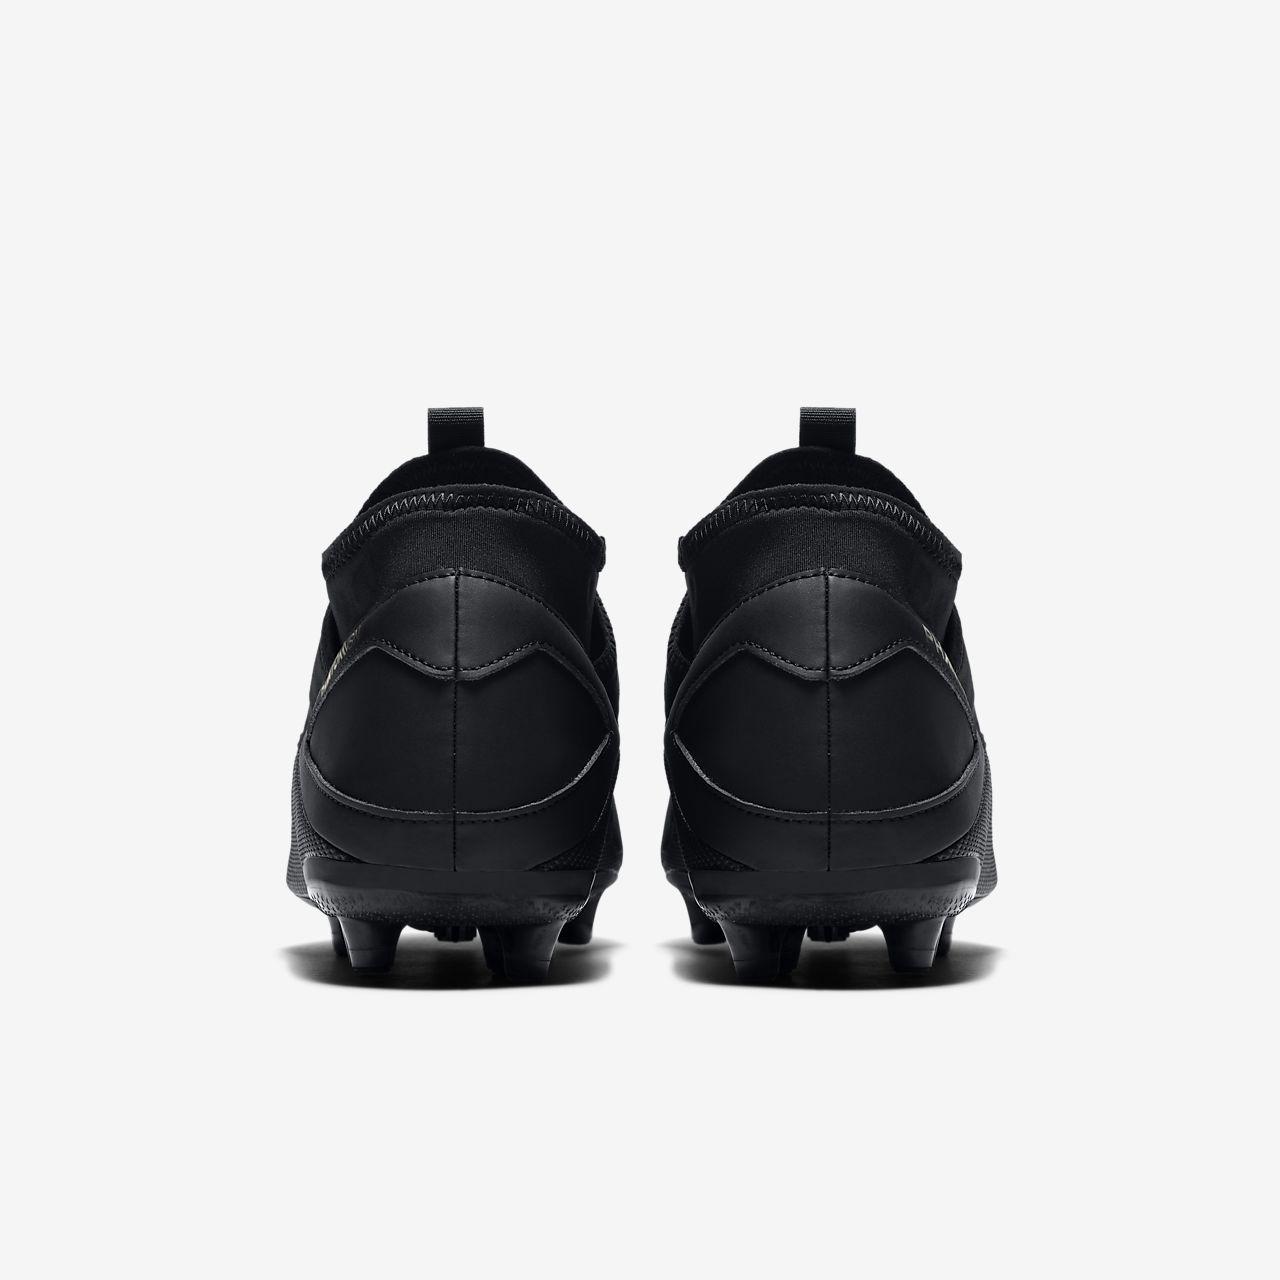 Chuteira Nike Tiempo Legend Elite 7 Blackout